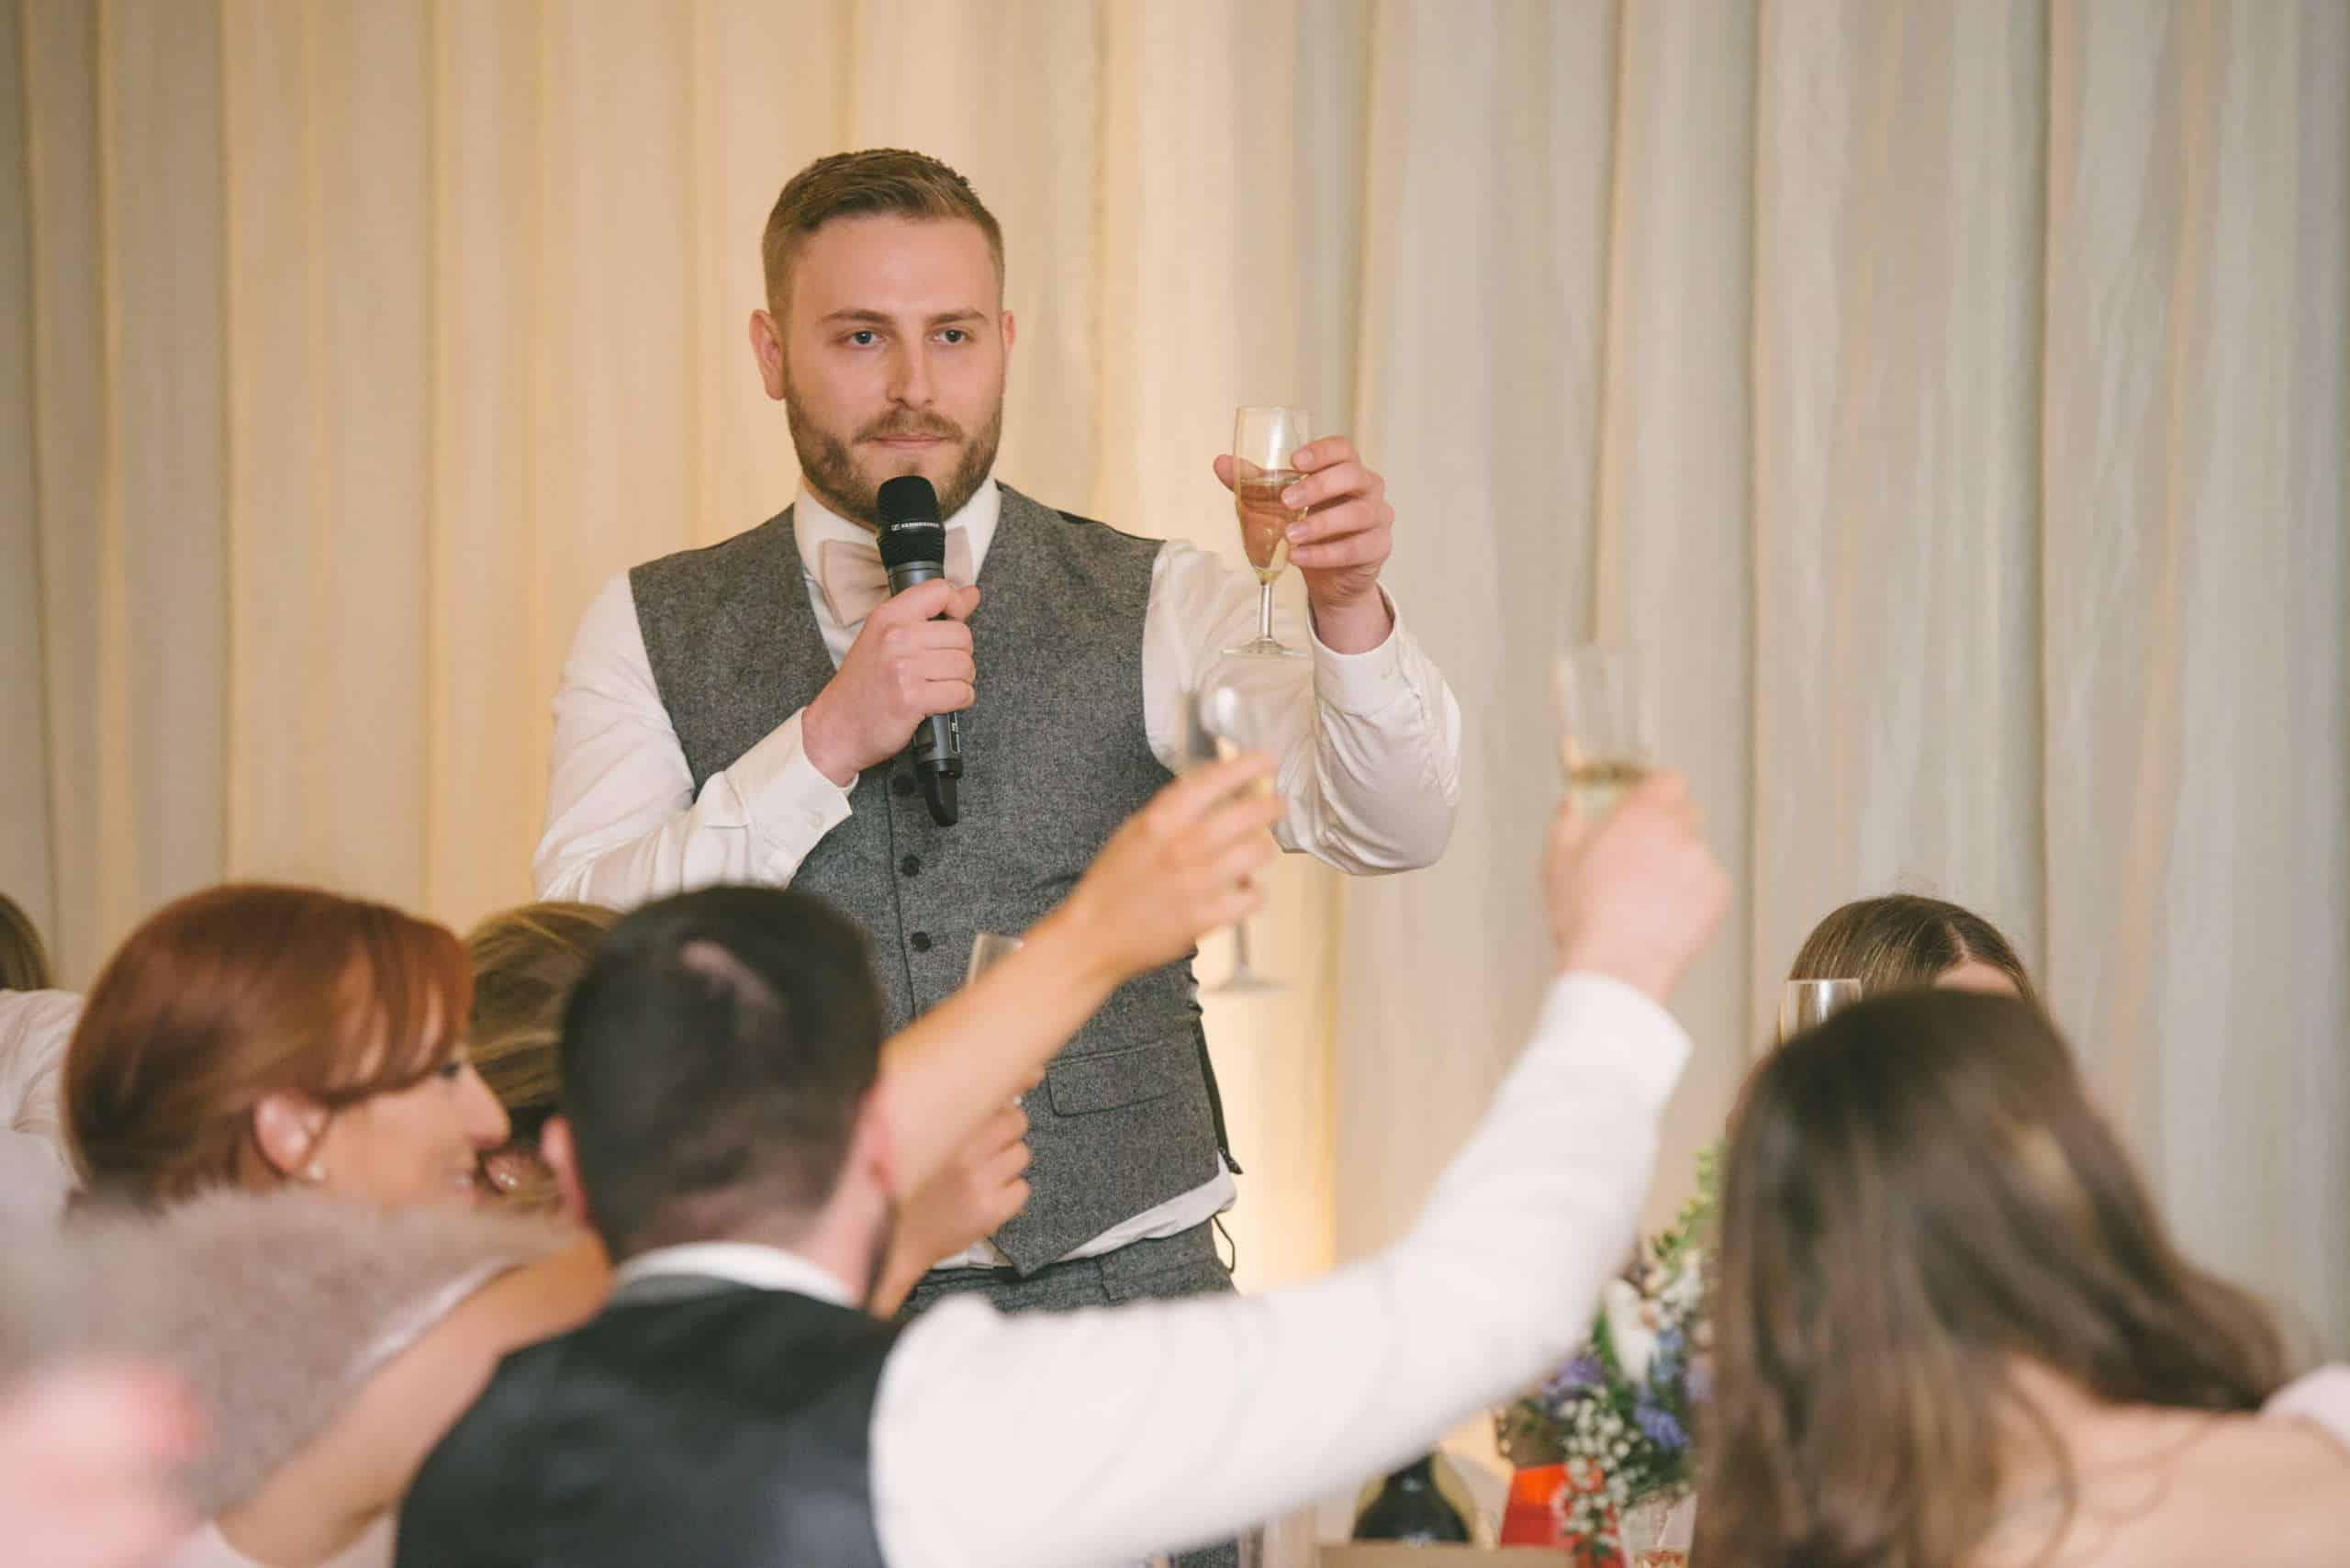 230416 Essex Wedding Photography Baddow Gallerywood 105